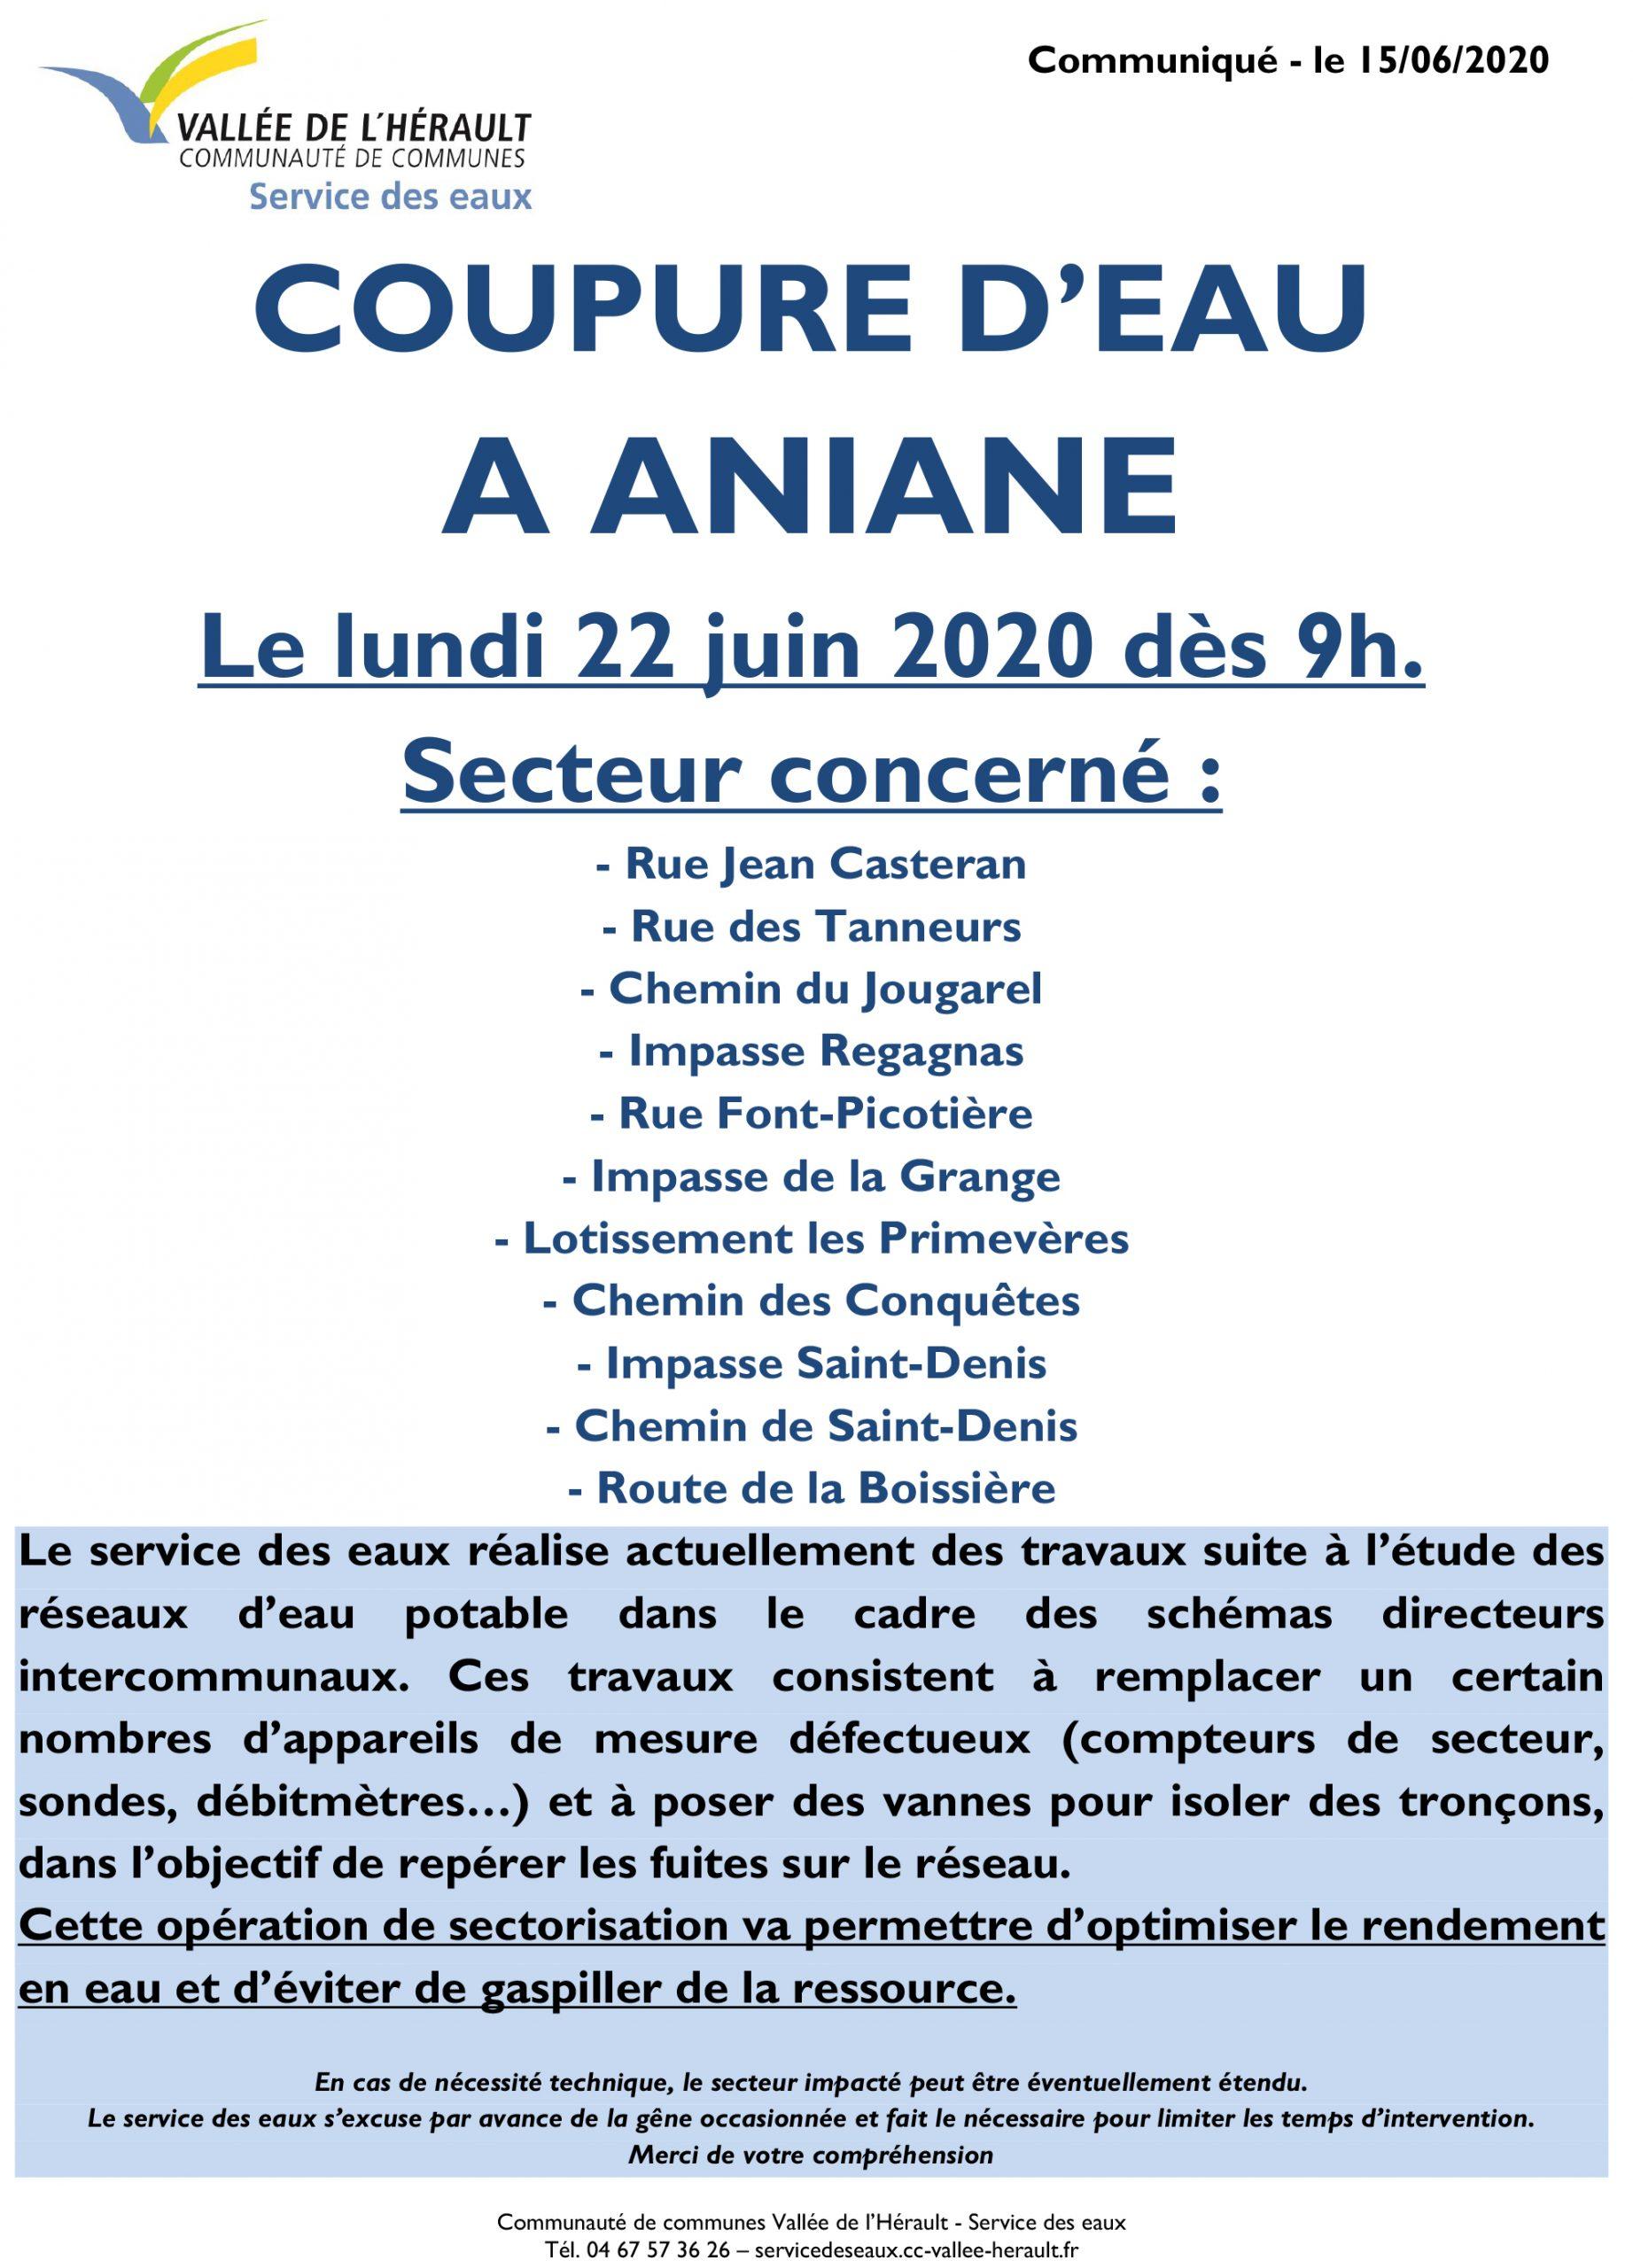 Communiqué Coupure eau 22 06 2020 Aniane ANI06